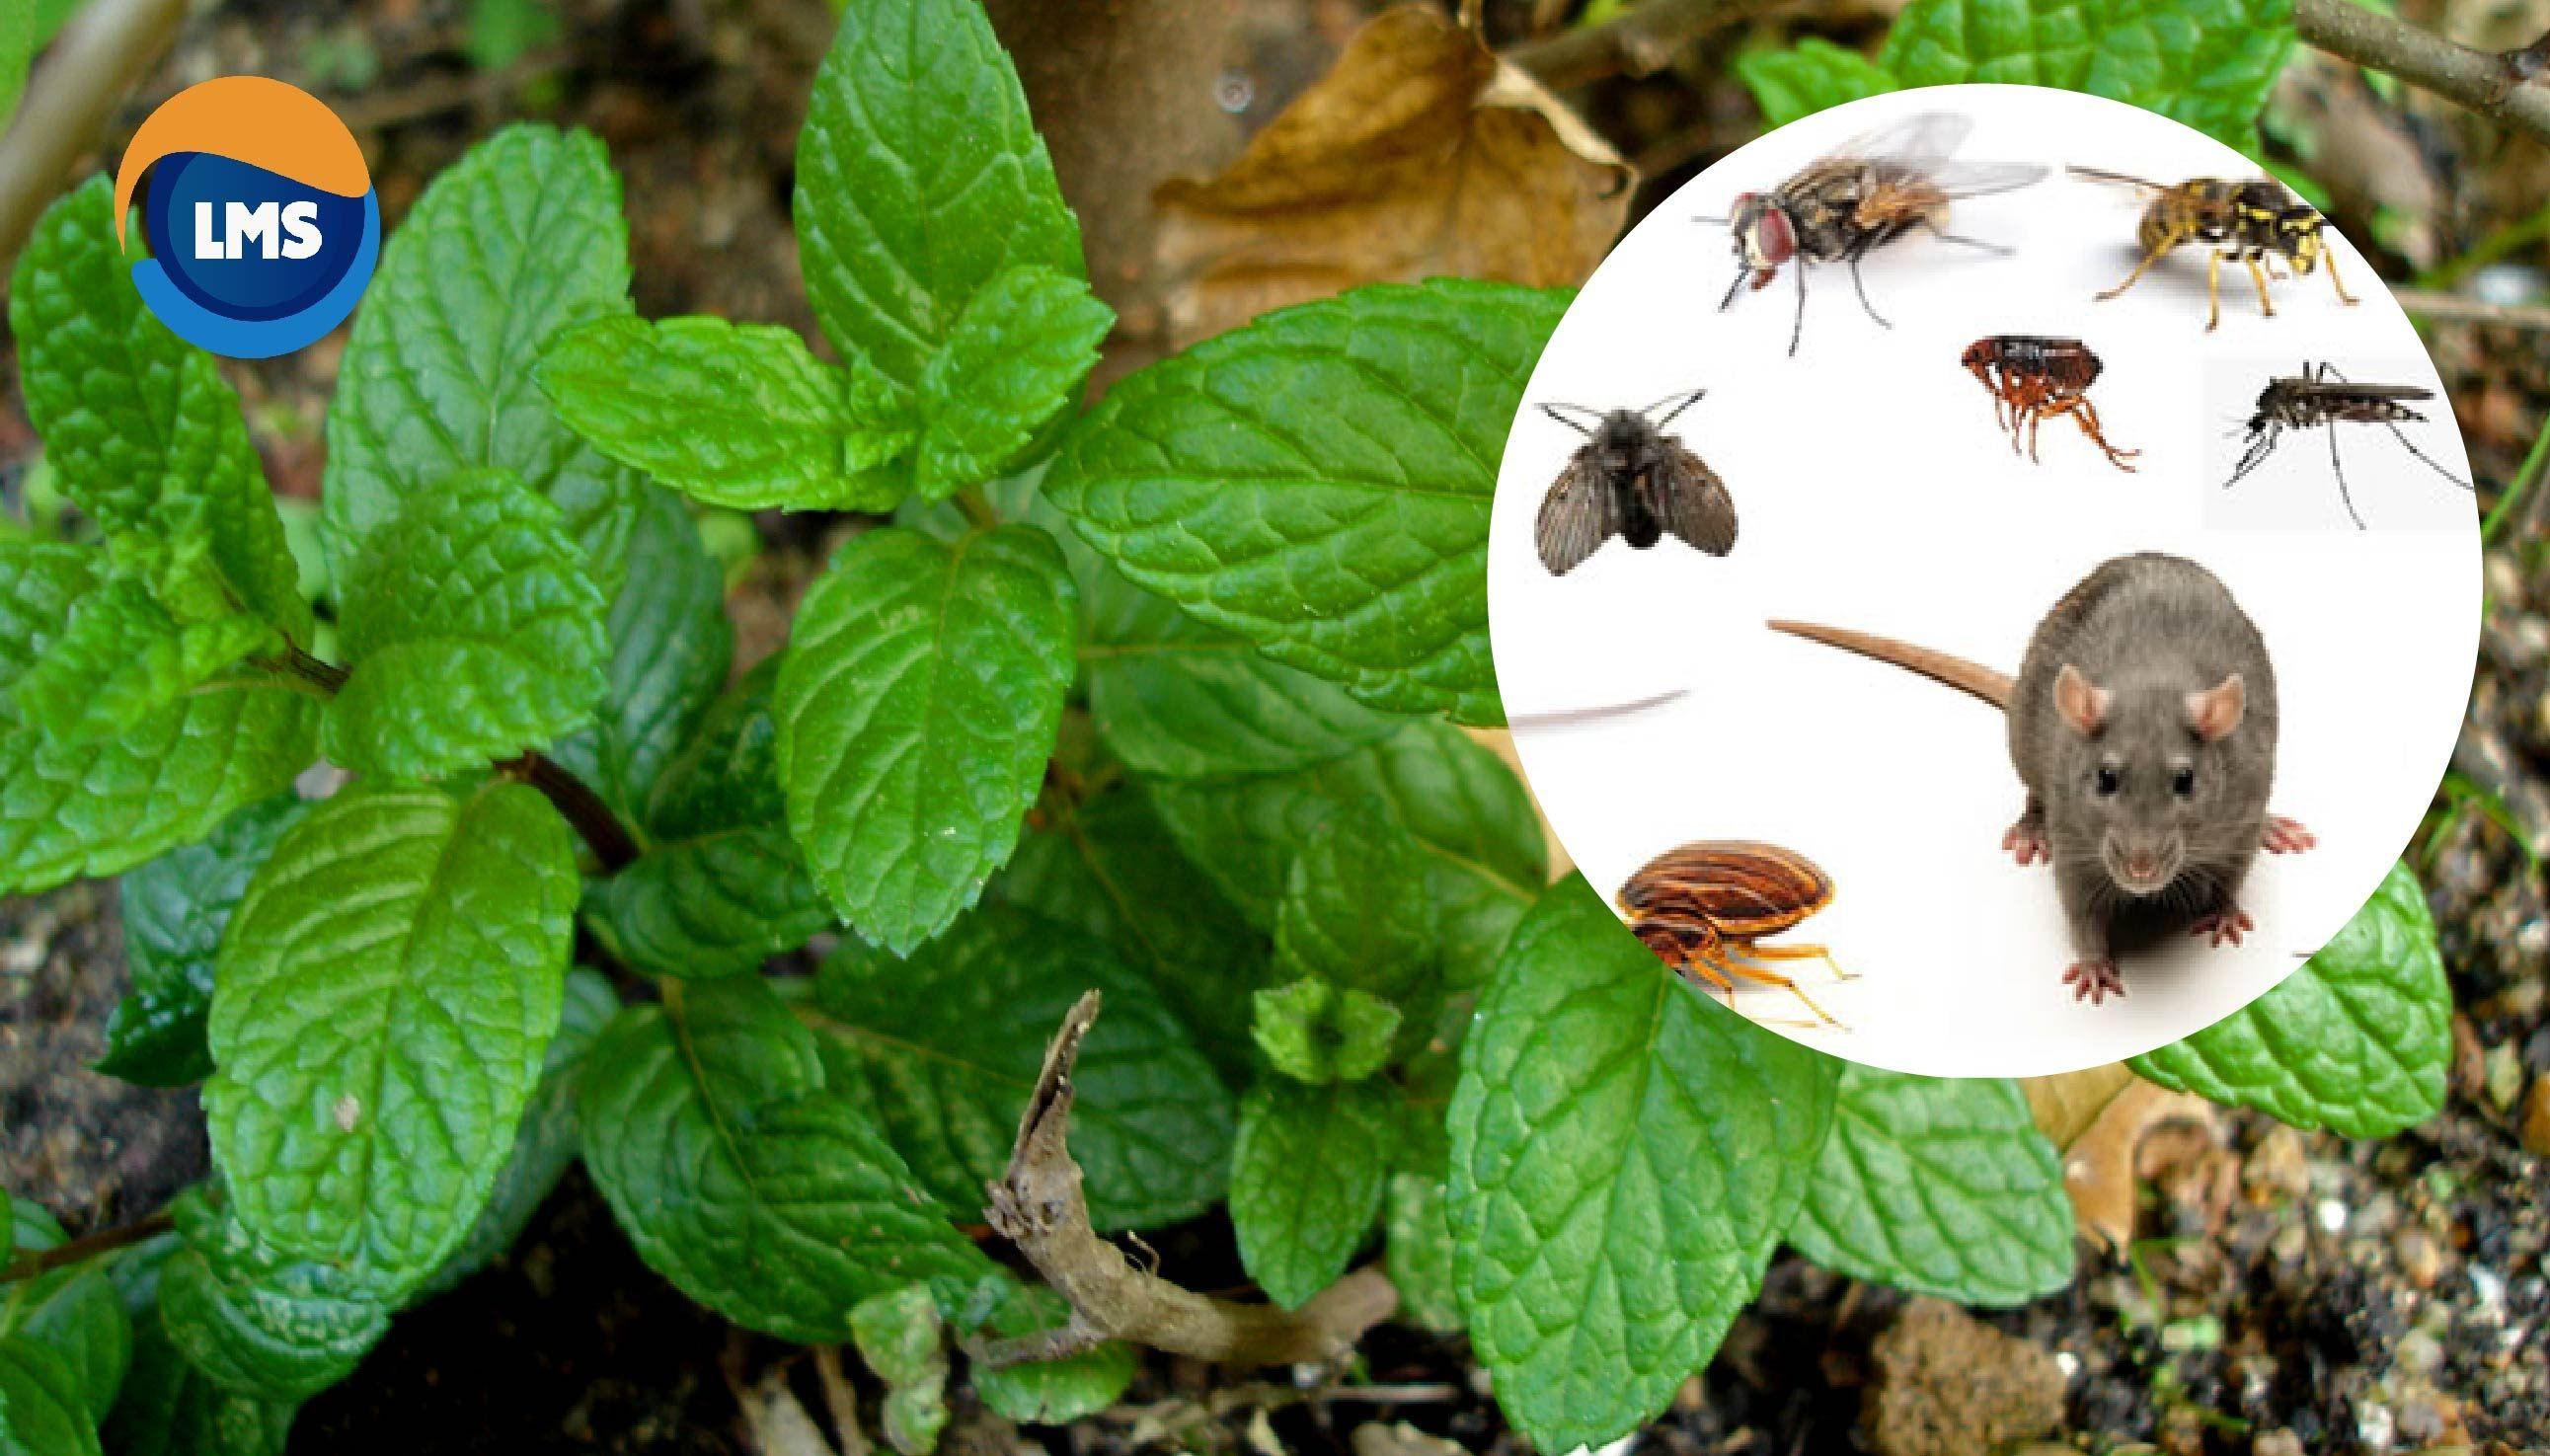 Si usted tiene esta planta en su casa nunca jam s ver ratones ara as y otros insectos otra - Como eliminar ratas en casa ...